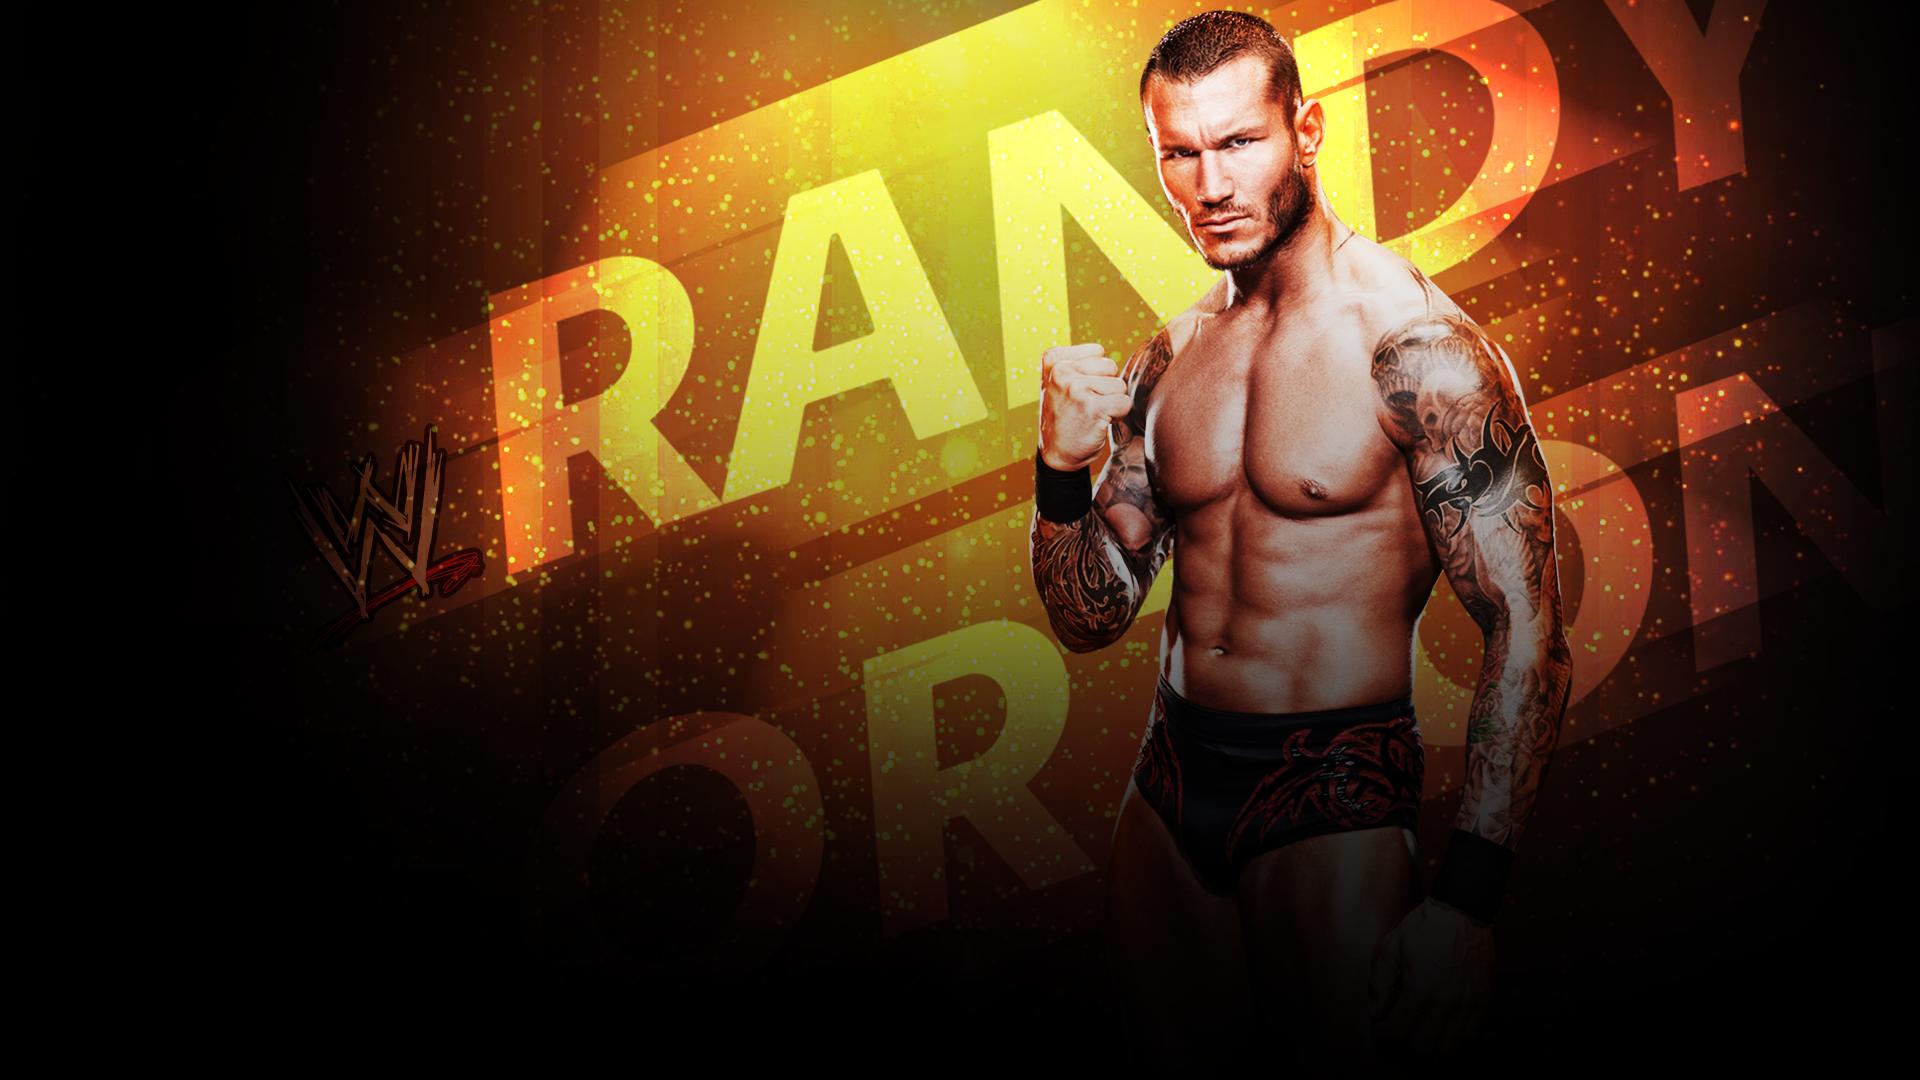 Randy Orton Hd Photo